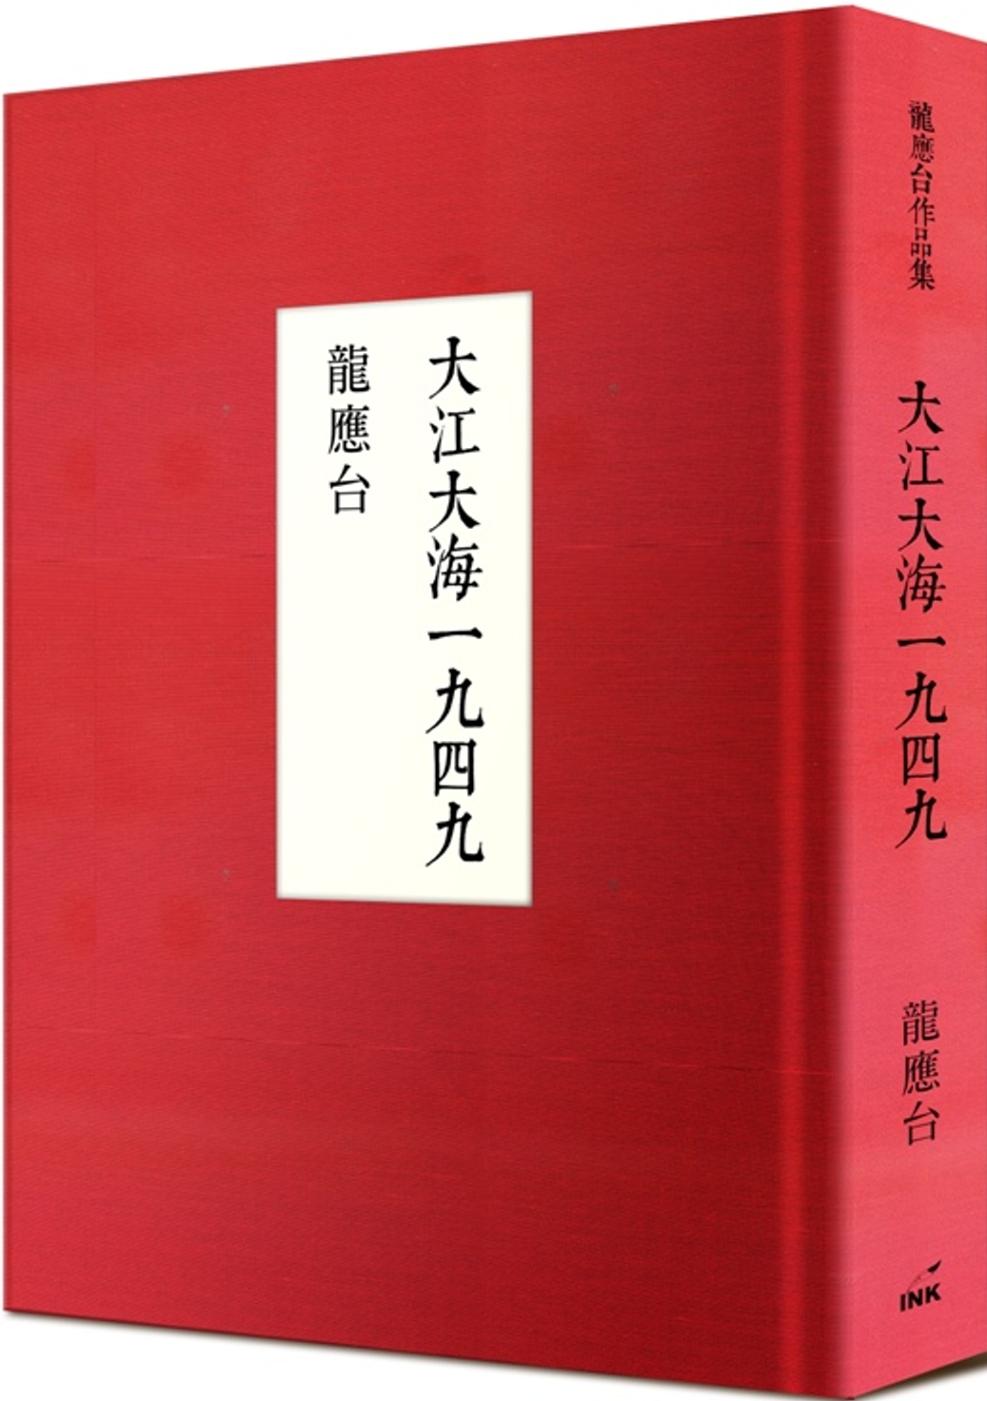 大江大海一九四九(十週年紀念版)